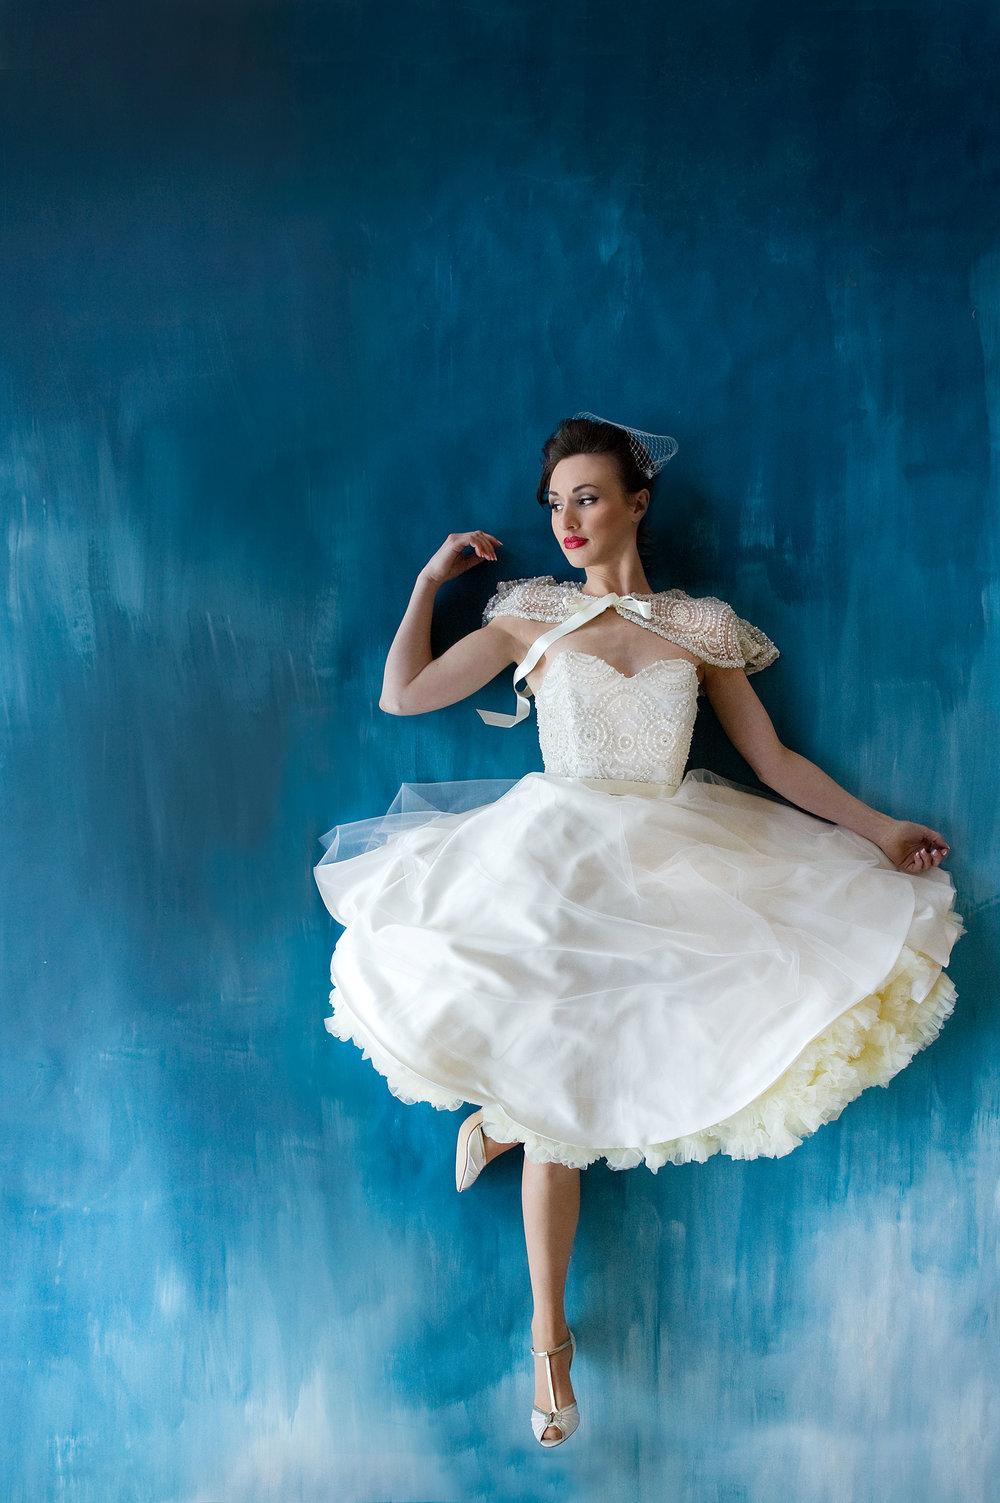 Annabelle by Helen Rhiannon